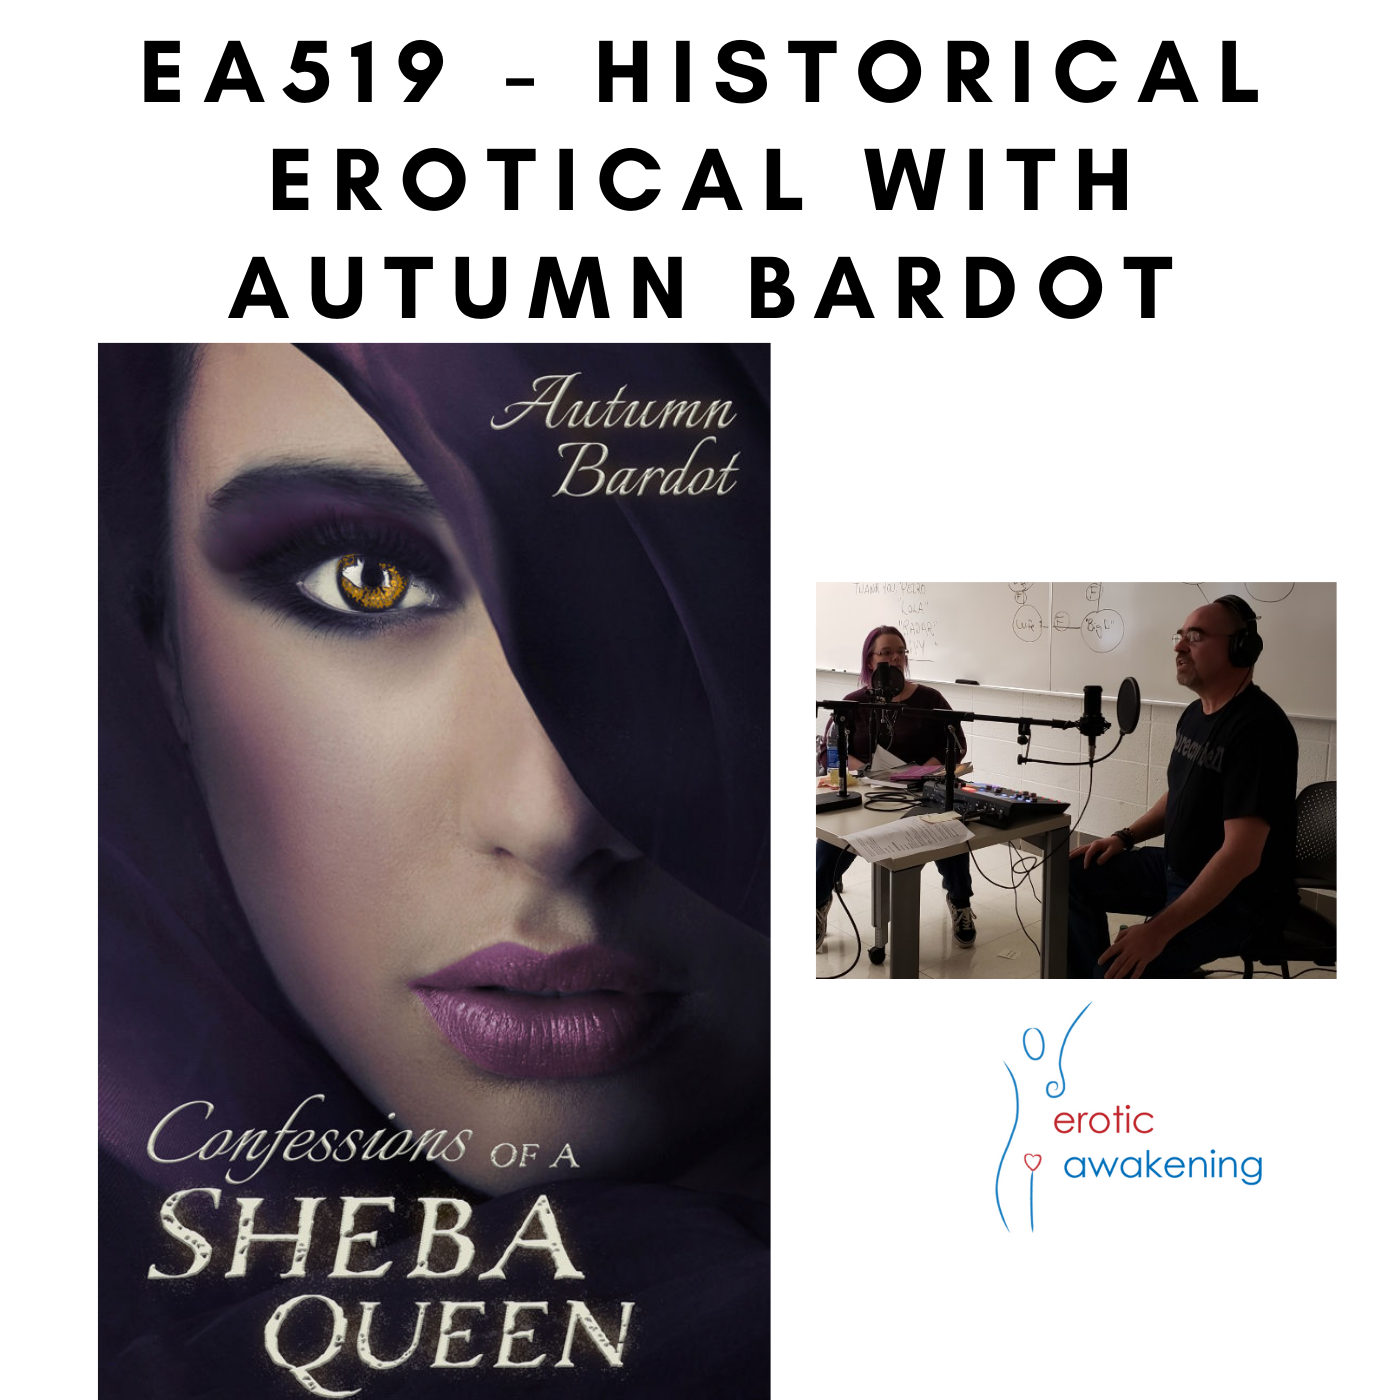 Erotic Awakening Podcast - EA519 - Historical Erotical with Autumn Bardot